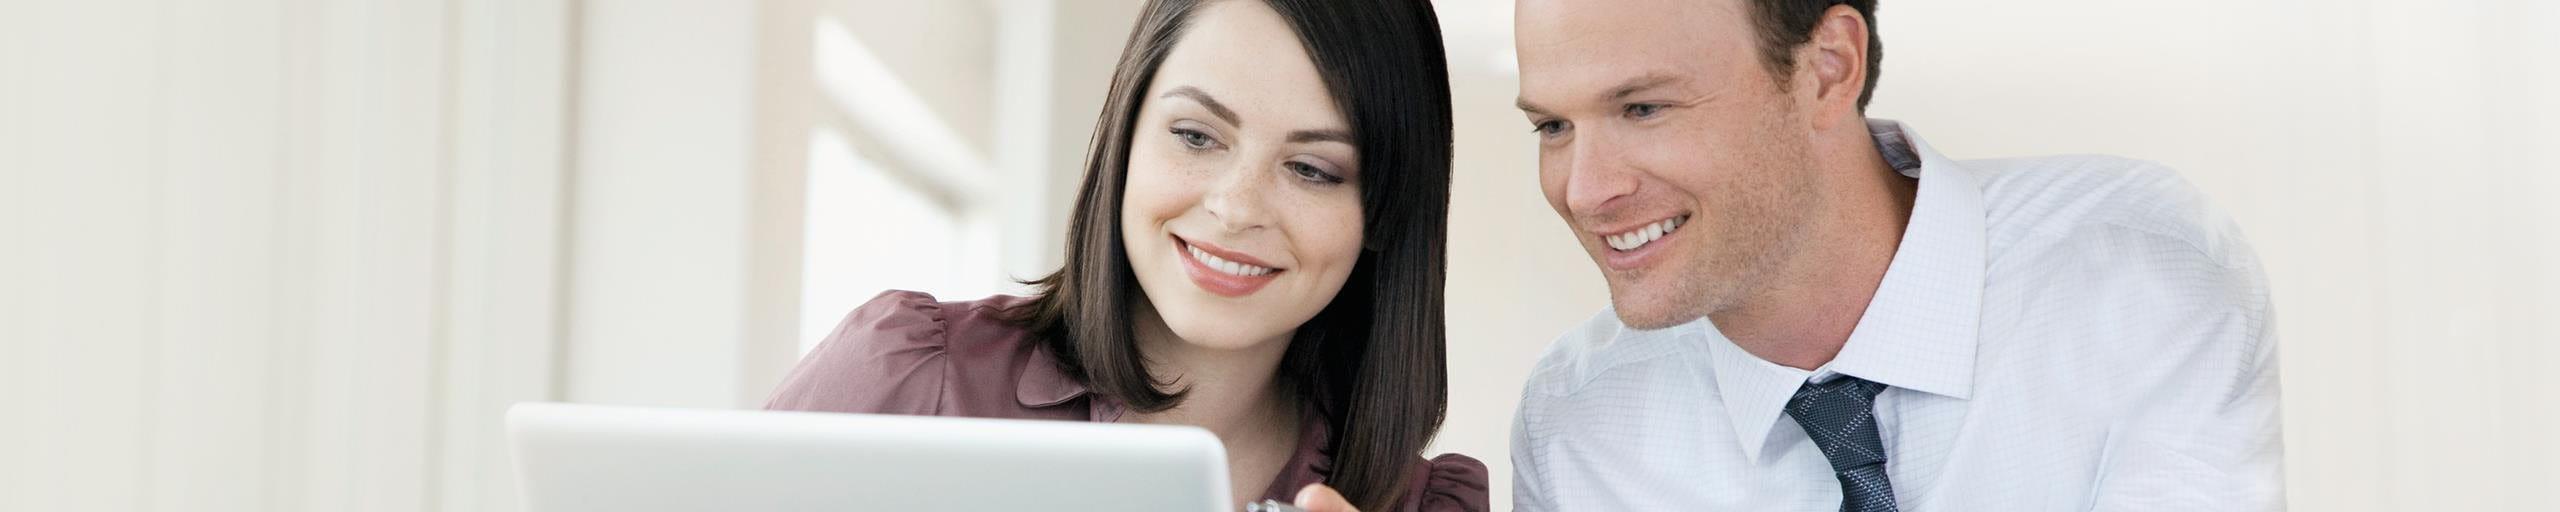 Due persone guardano sul computer.